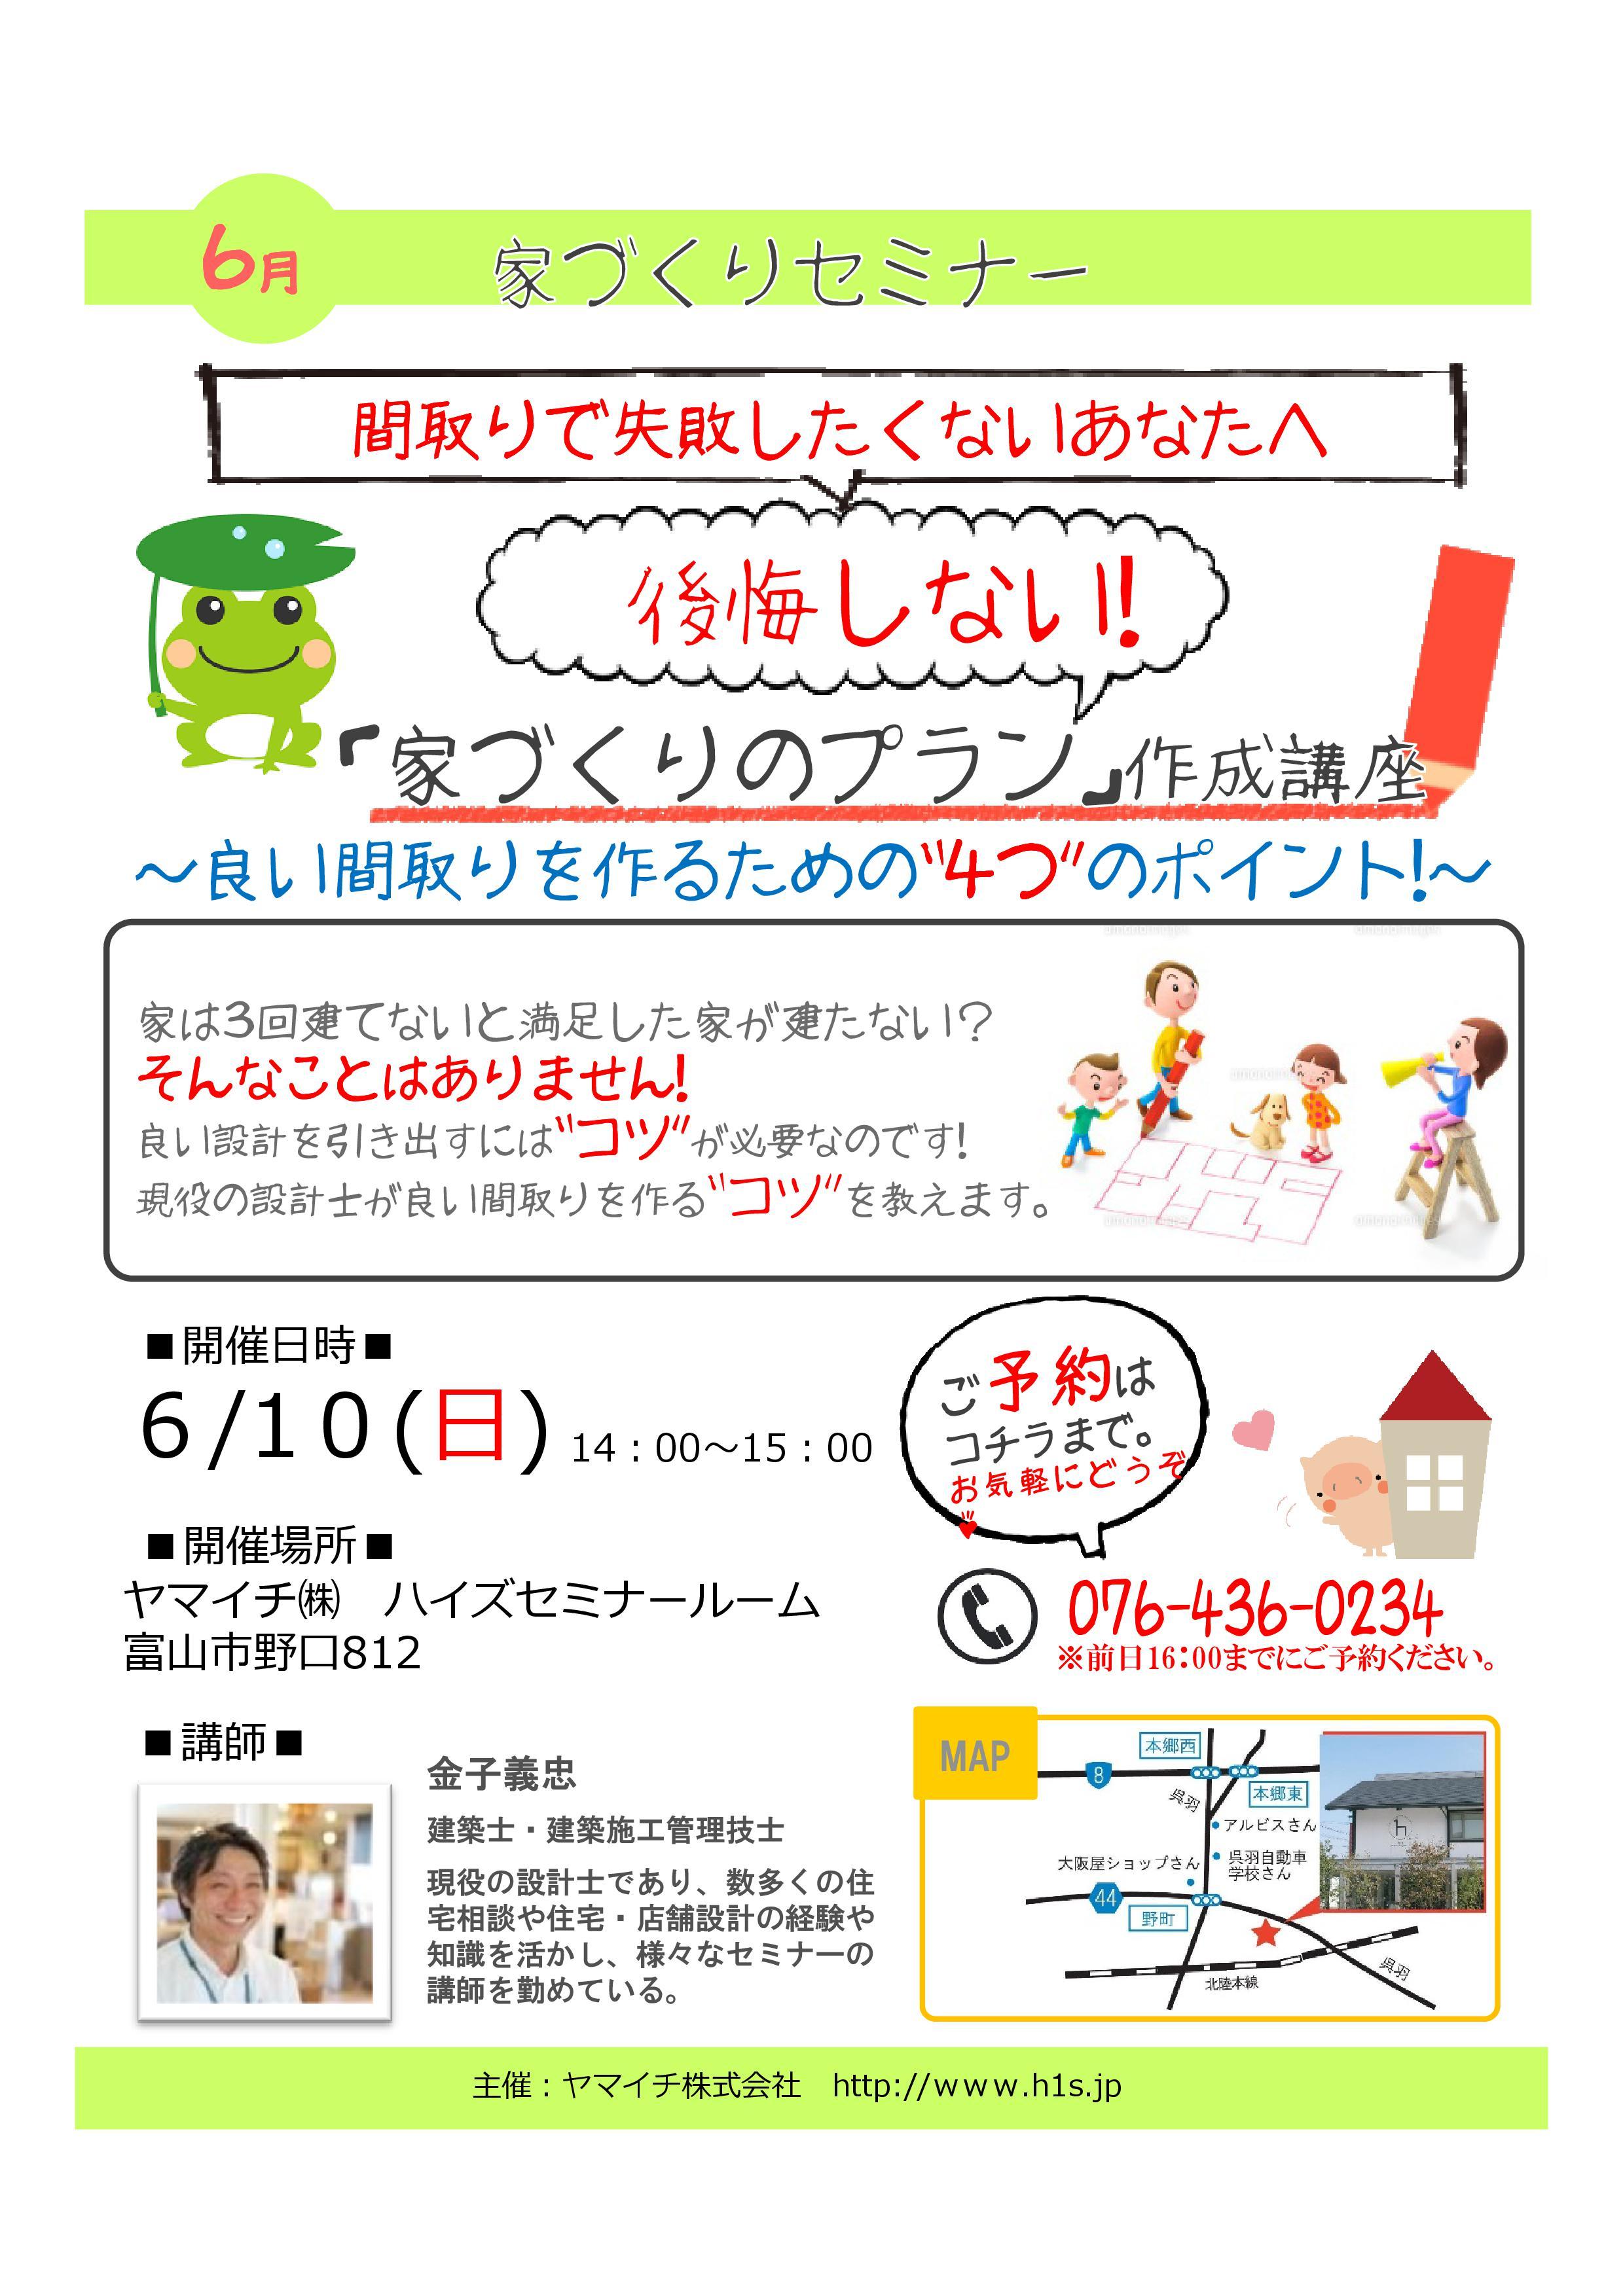 【セミナー】6/10(日)「家づくりプラン作成講座」